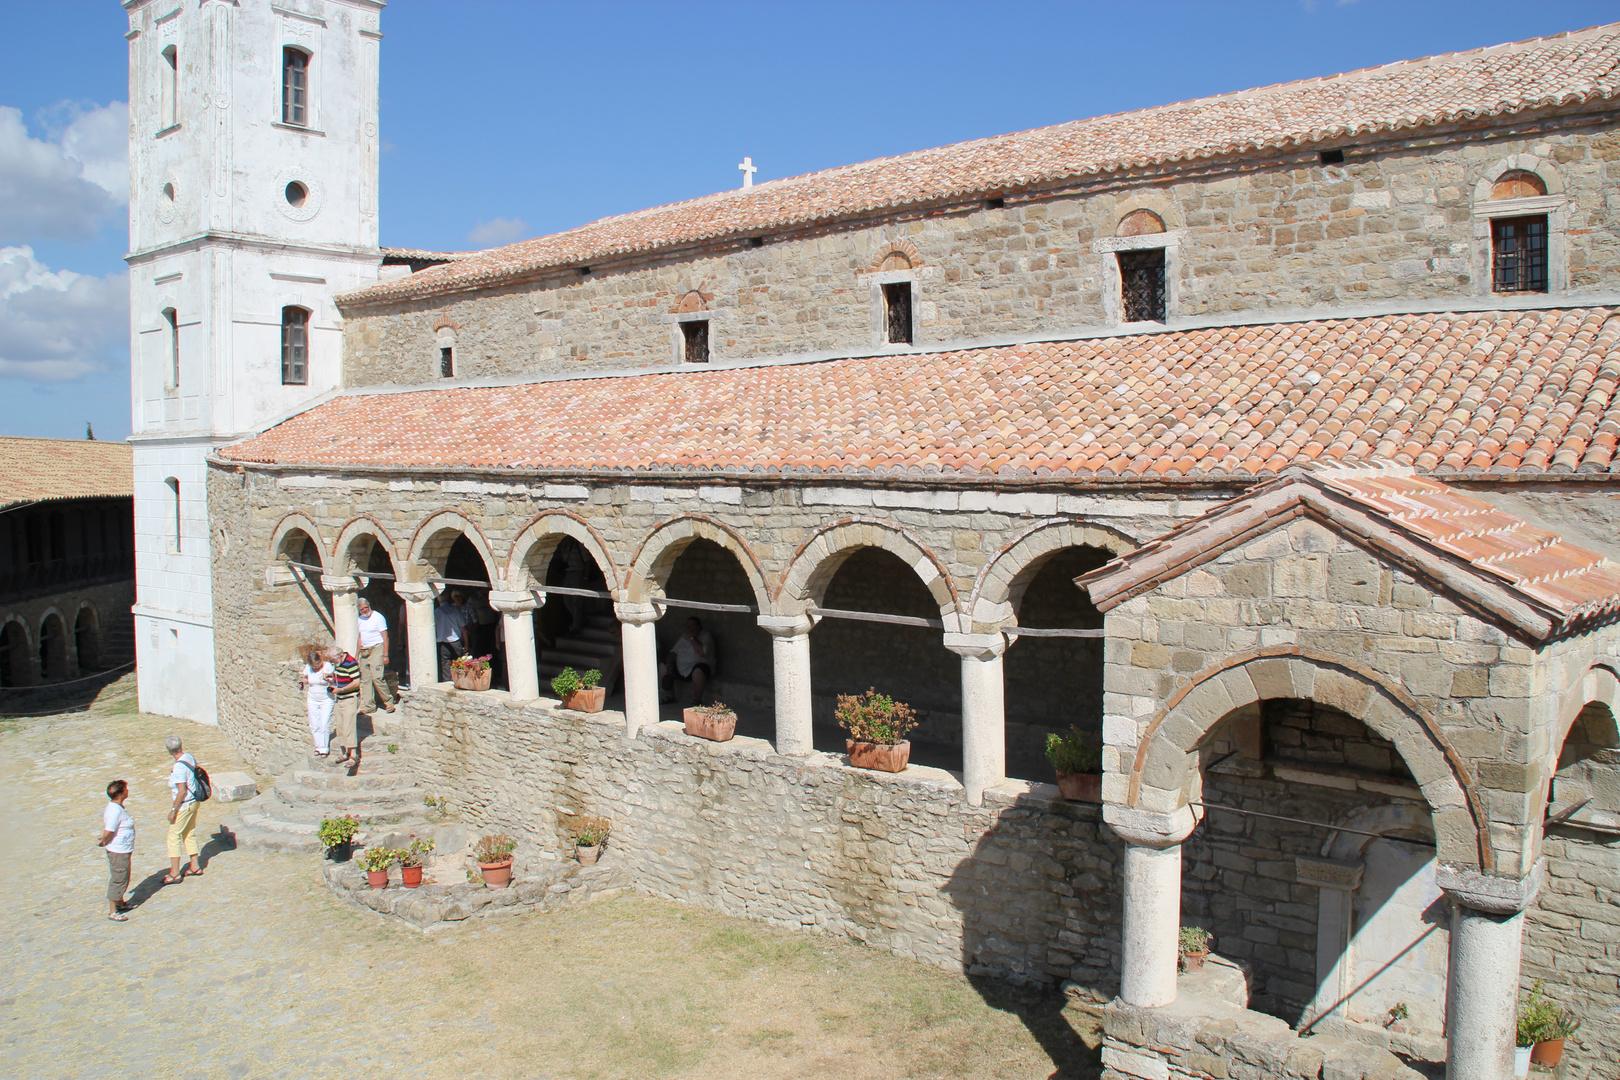 Albanien: Im Hof des Klosters Ardenica